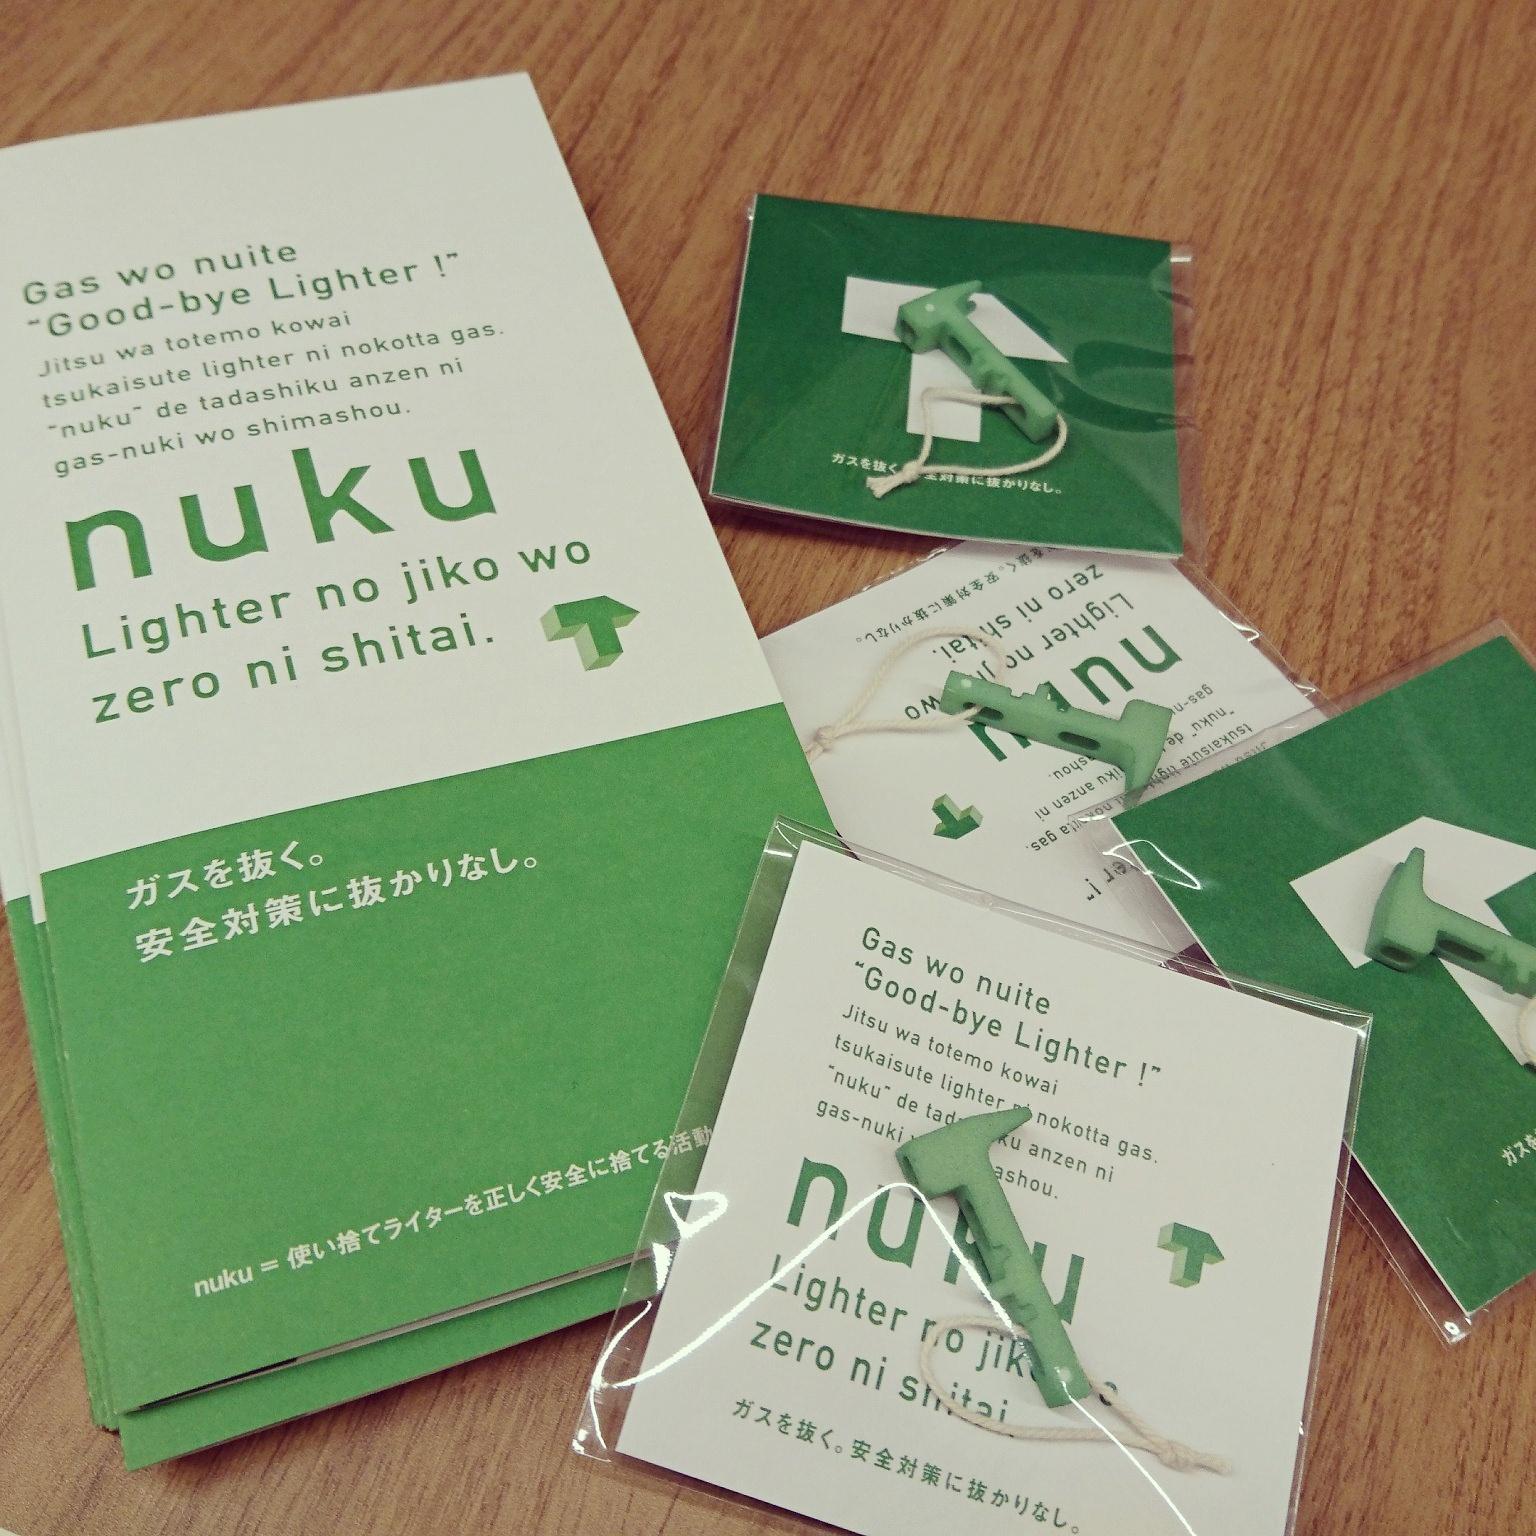 長岡市の若者が100円ライターのガス抜き器具「nuku(ヌーク)」を開発。アイデアを3Dプリンターで具体化。